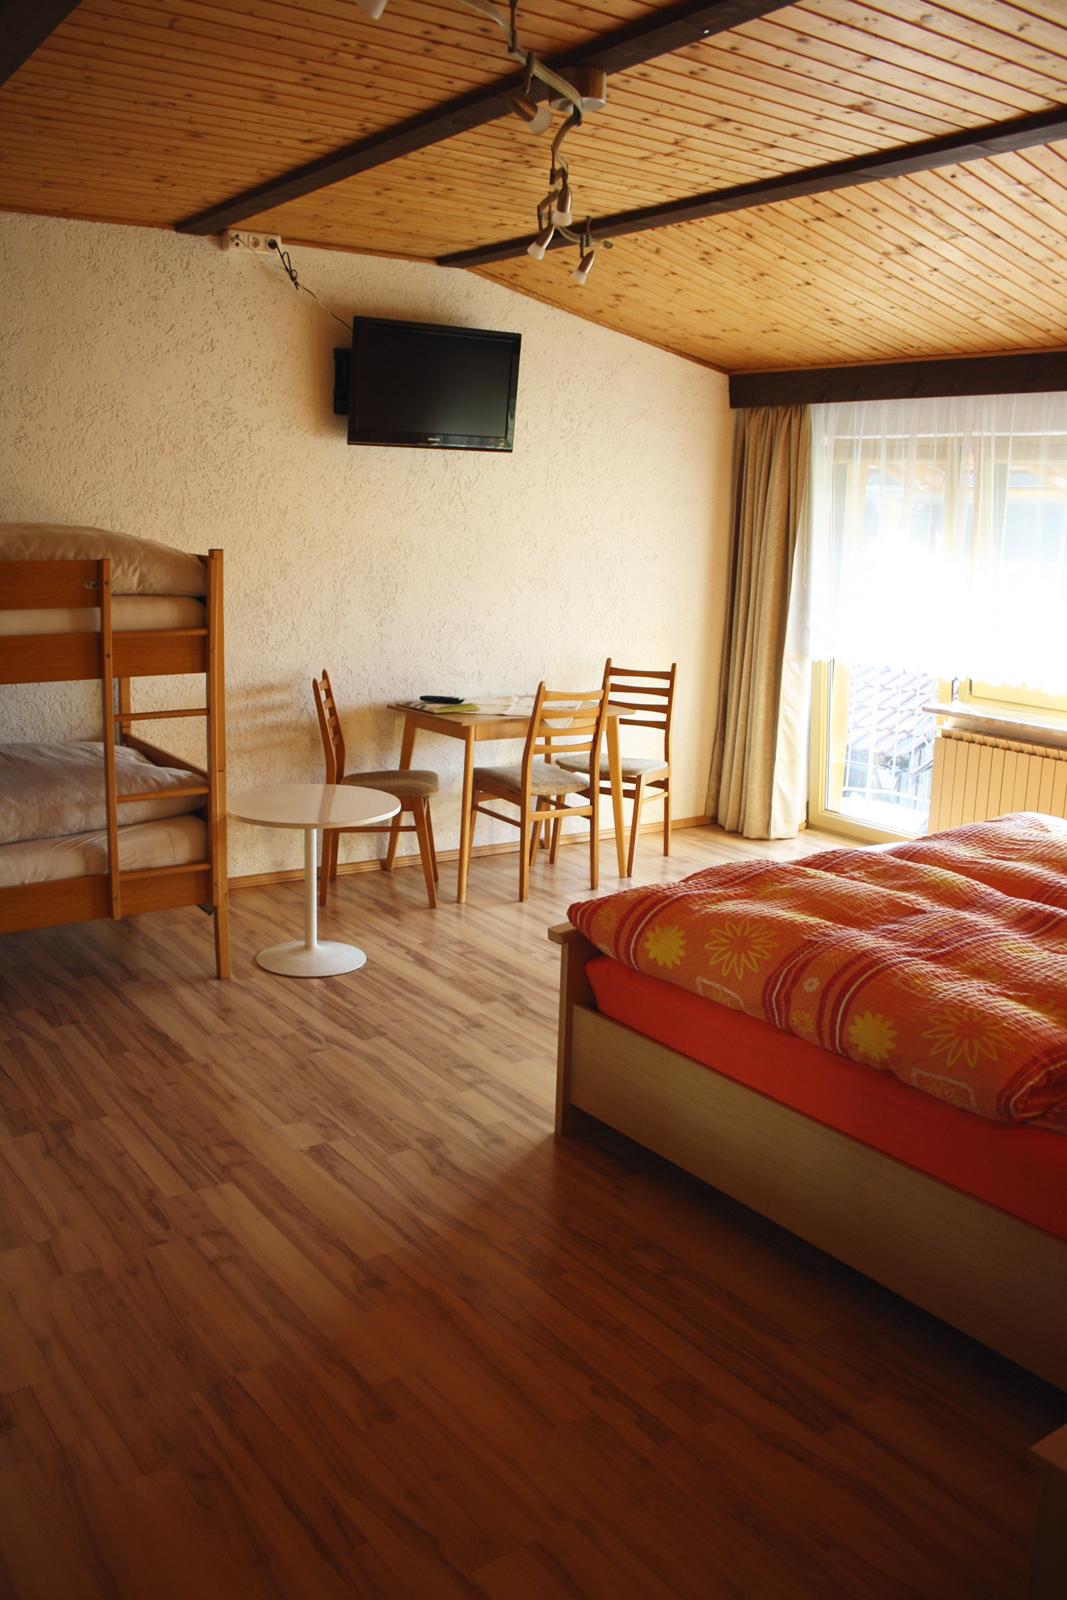 Ferien-Zimmer mit Sitzecke und TV ausgestattet Haus Anny Freyung-Grafenau